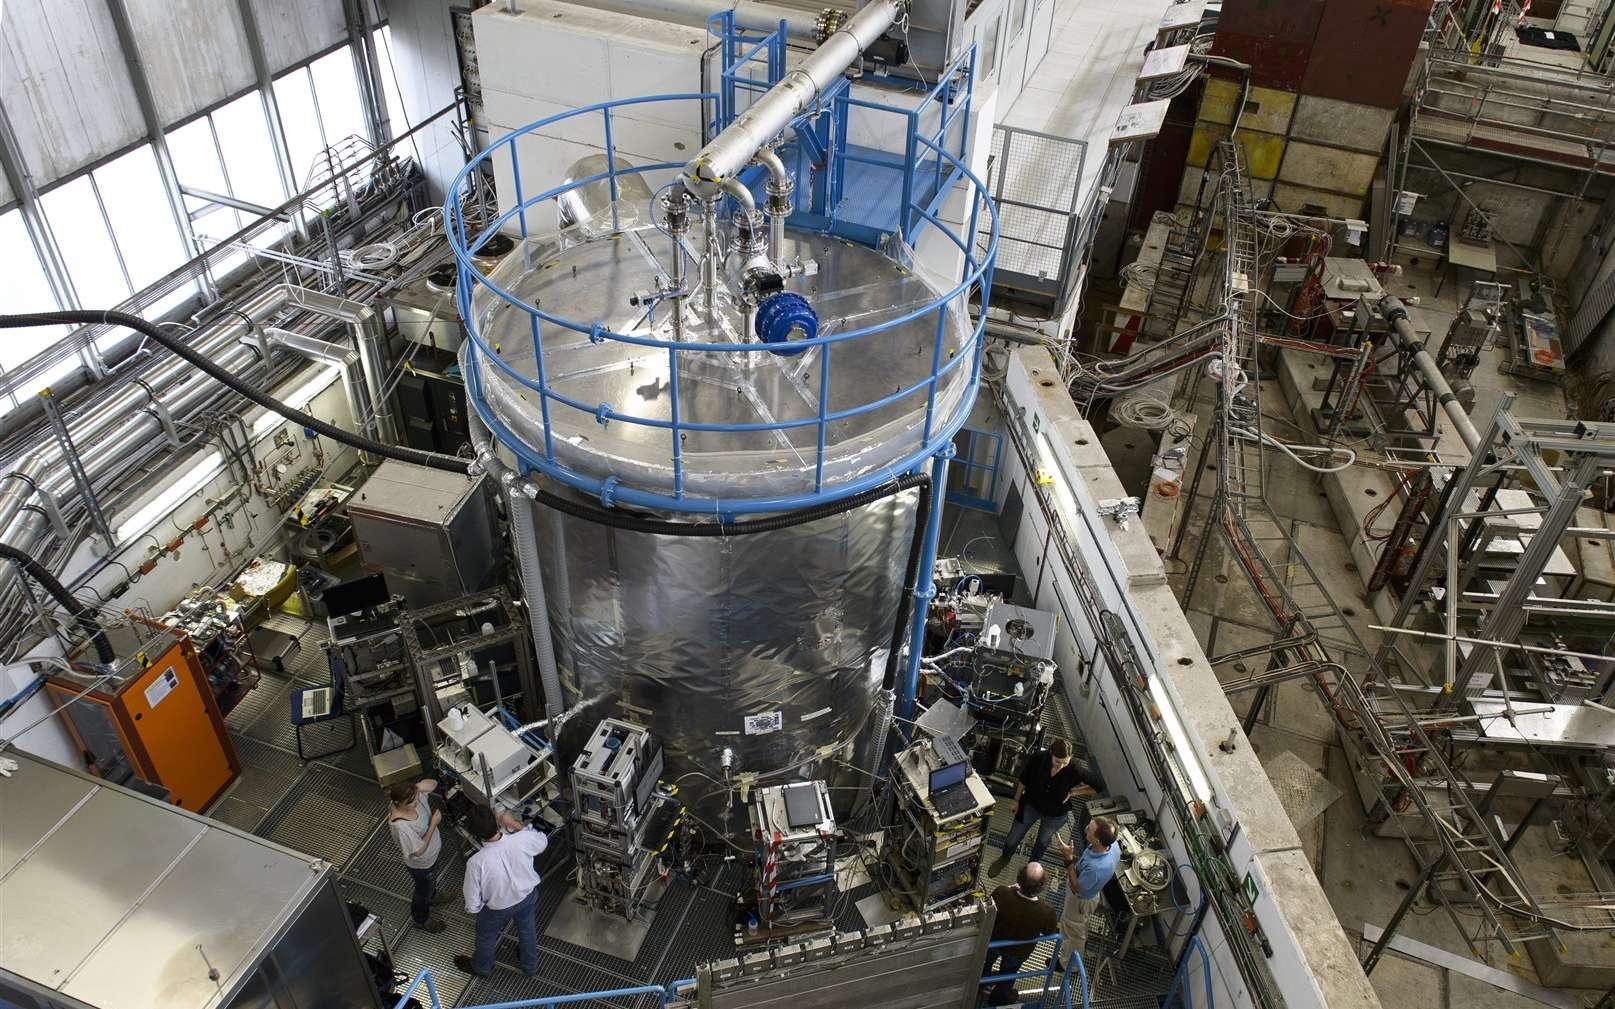 Une vue de l'expérience Cloud avec sa chambre de 3 m de diamètre en acier inoxydable, contenant de l'air humidifié ultrapur et des traces de gaz choisis. Elle est placée sur la trajectoire d'un faisceau de pions chargés qui simule les rayons cosmiques ionisants. © Cern